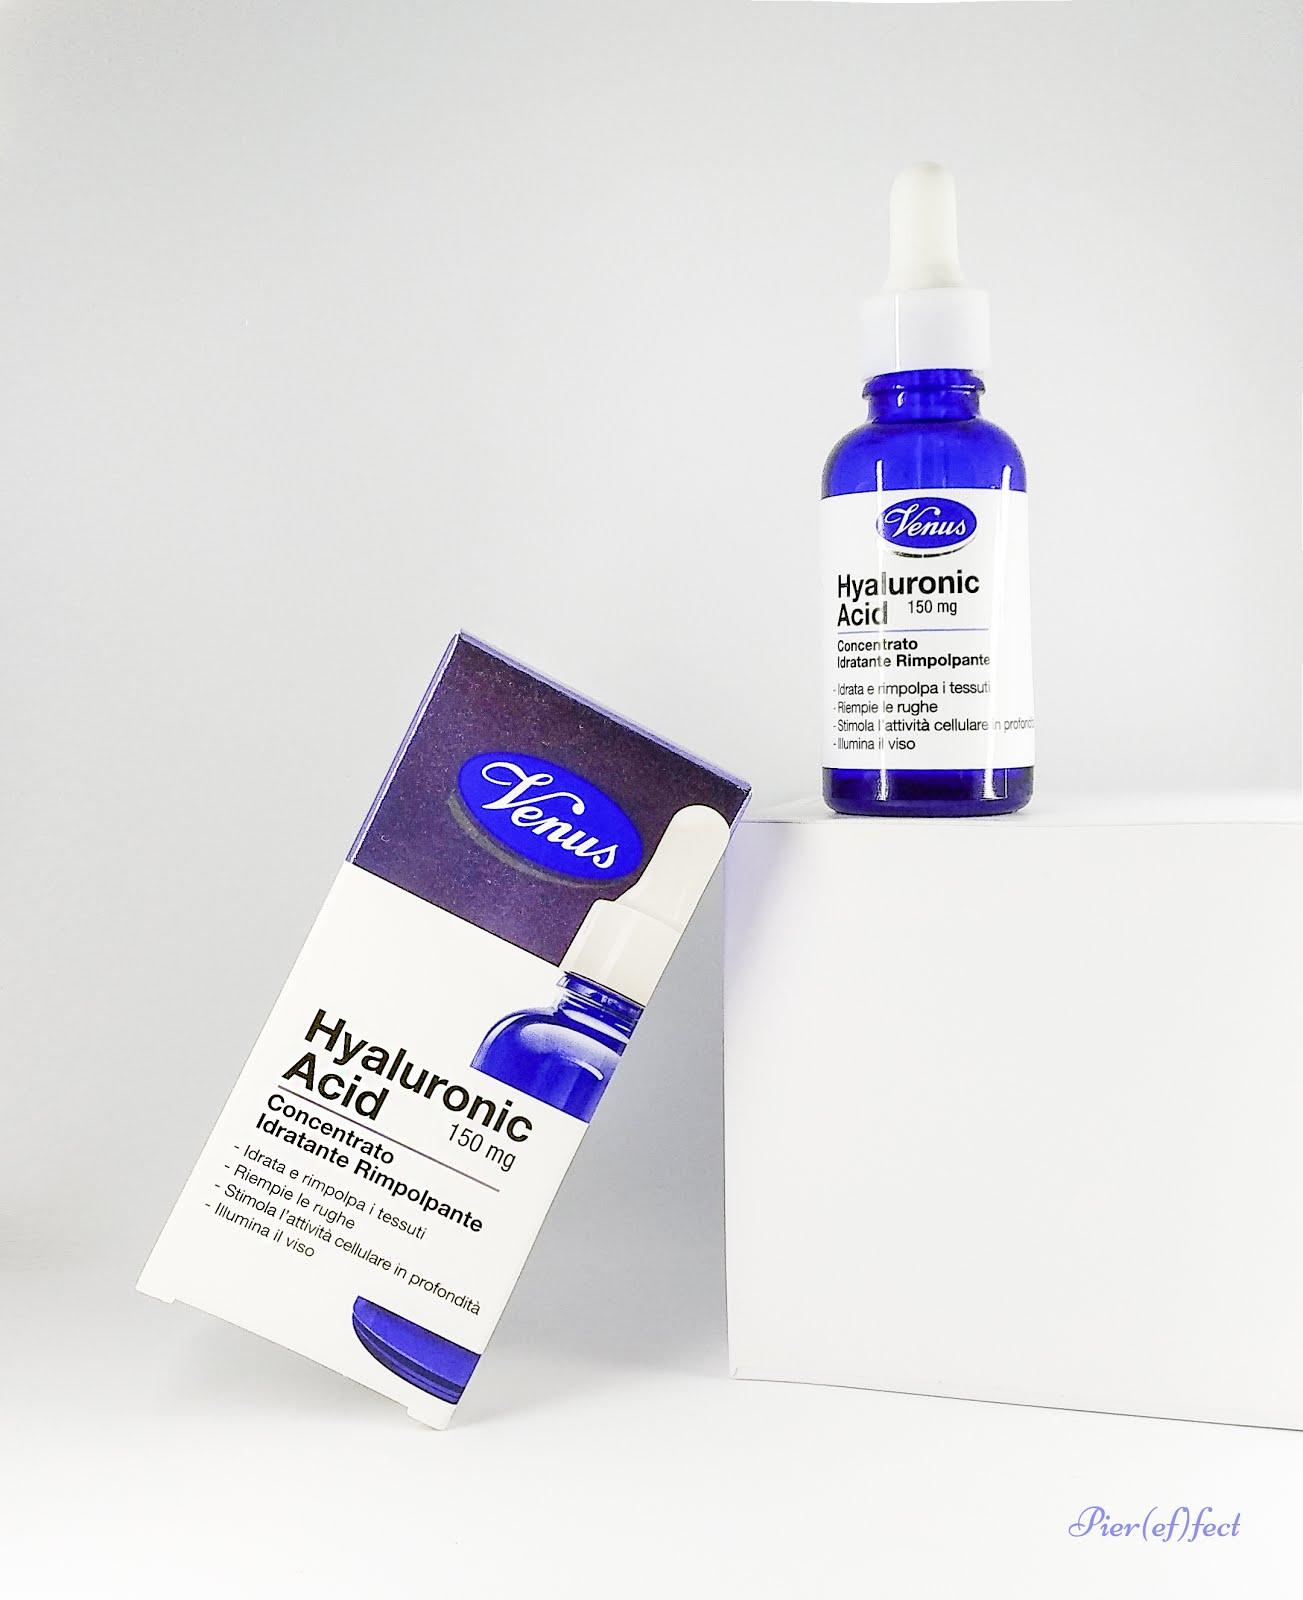 Venus Hyaluronic Acid Concentrato Idratante Rimpolpante